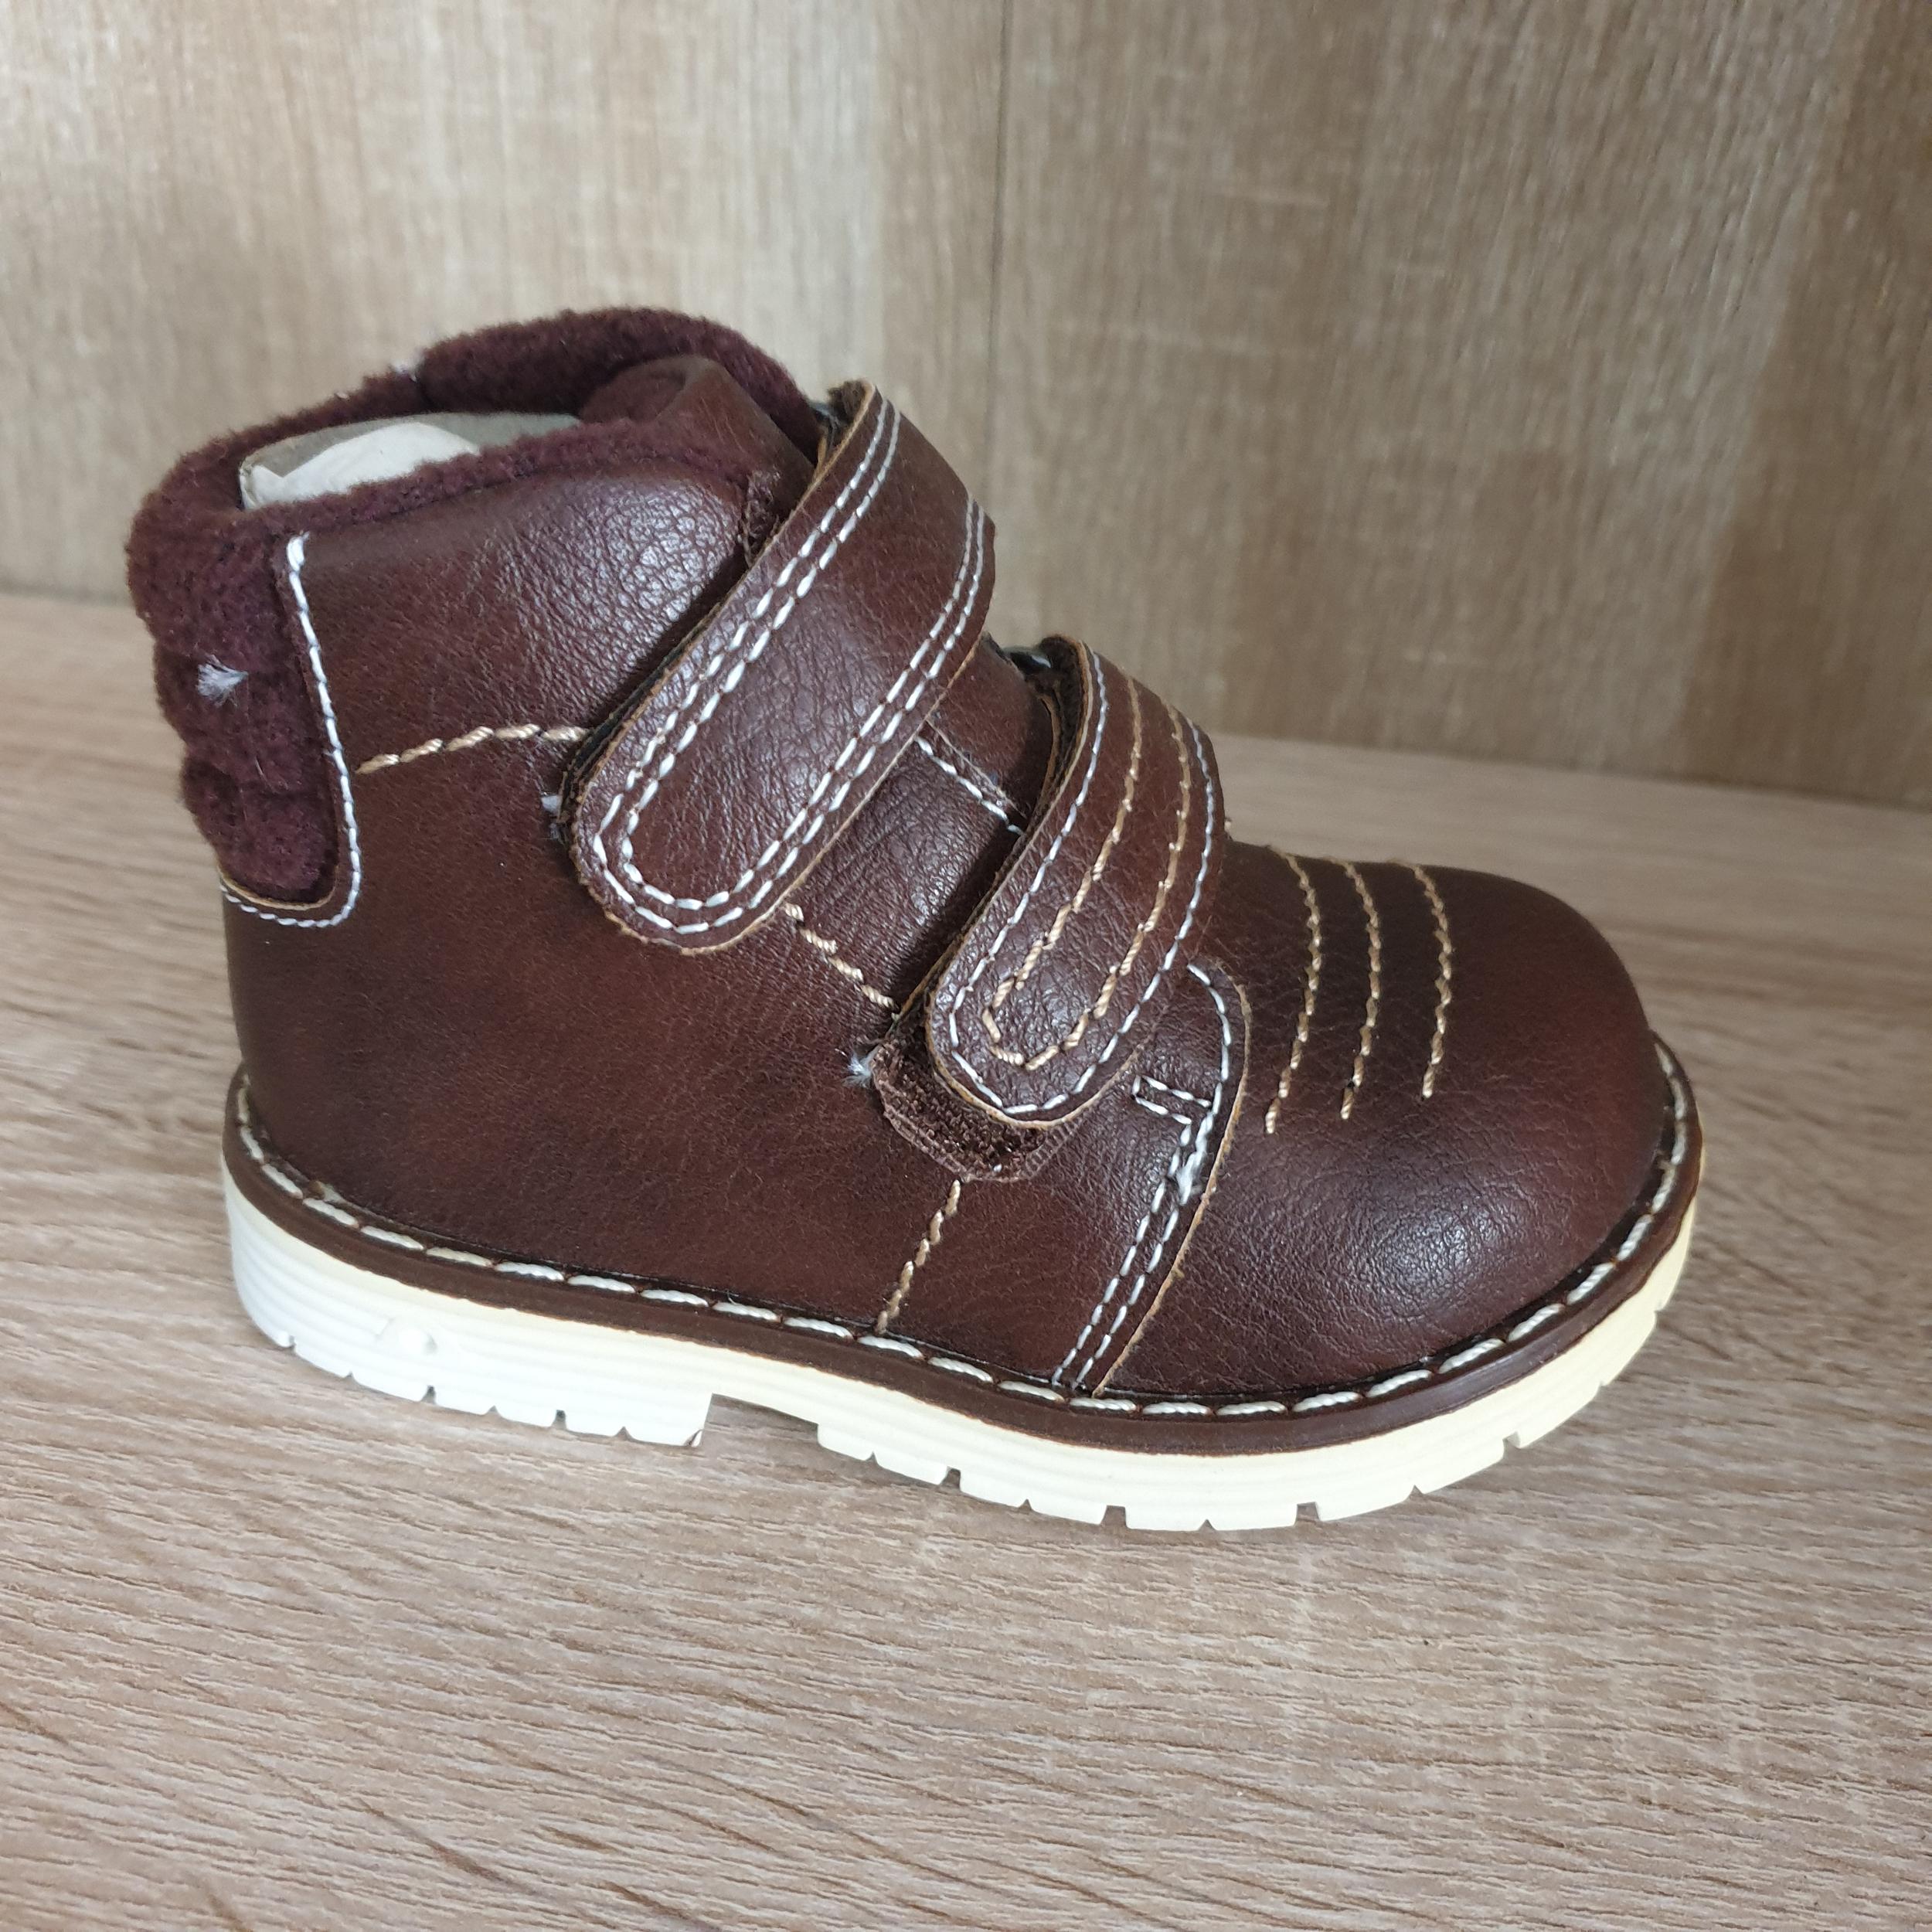 Chaussures enfant Dorémi